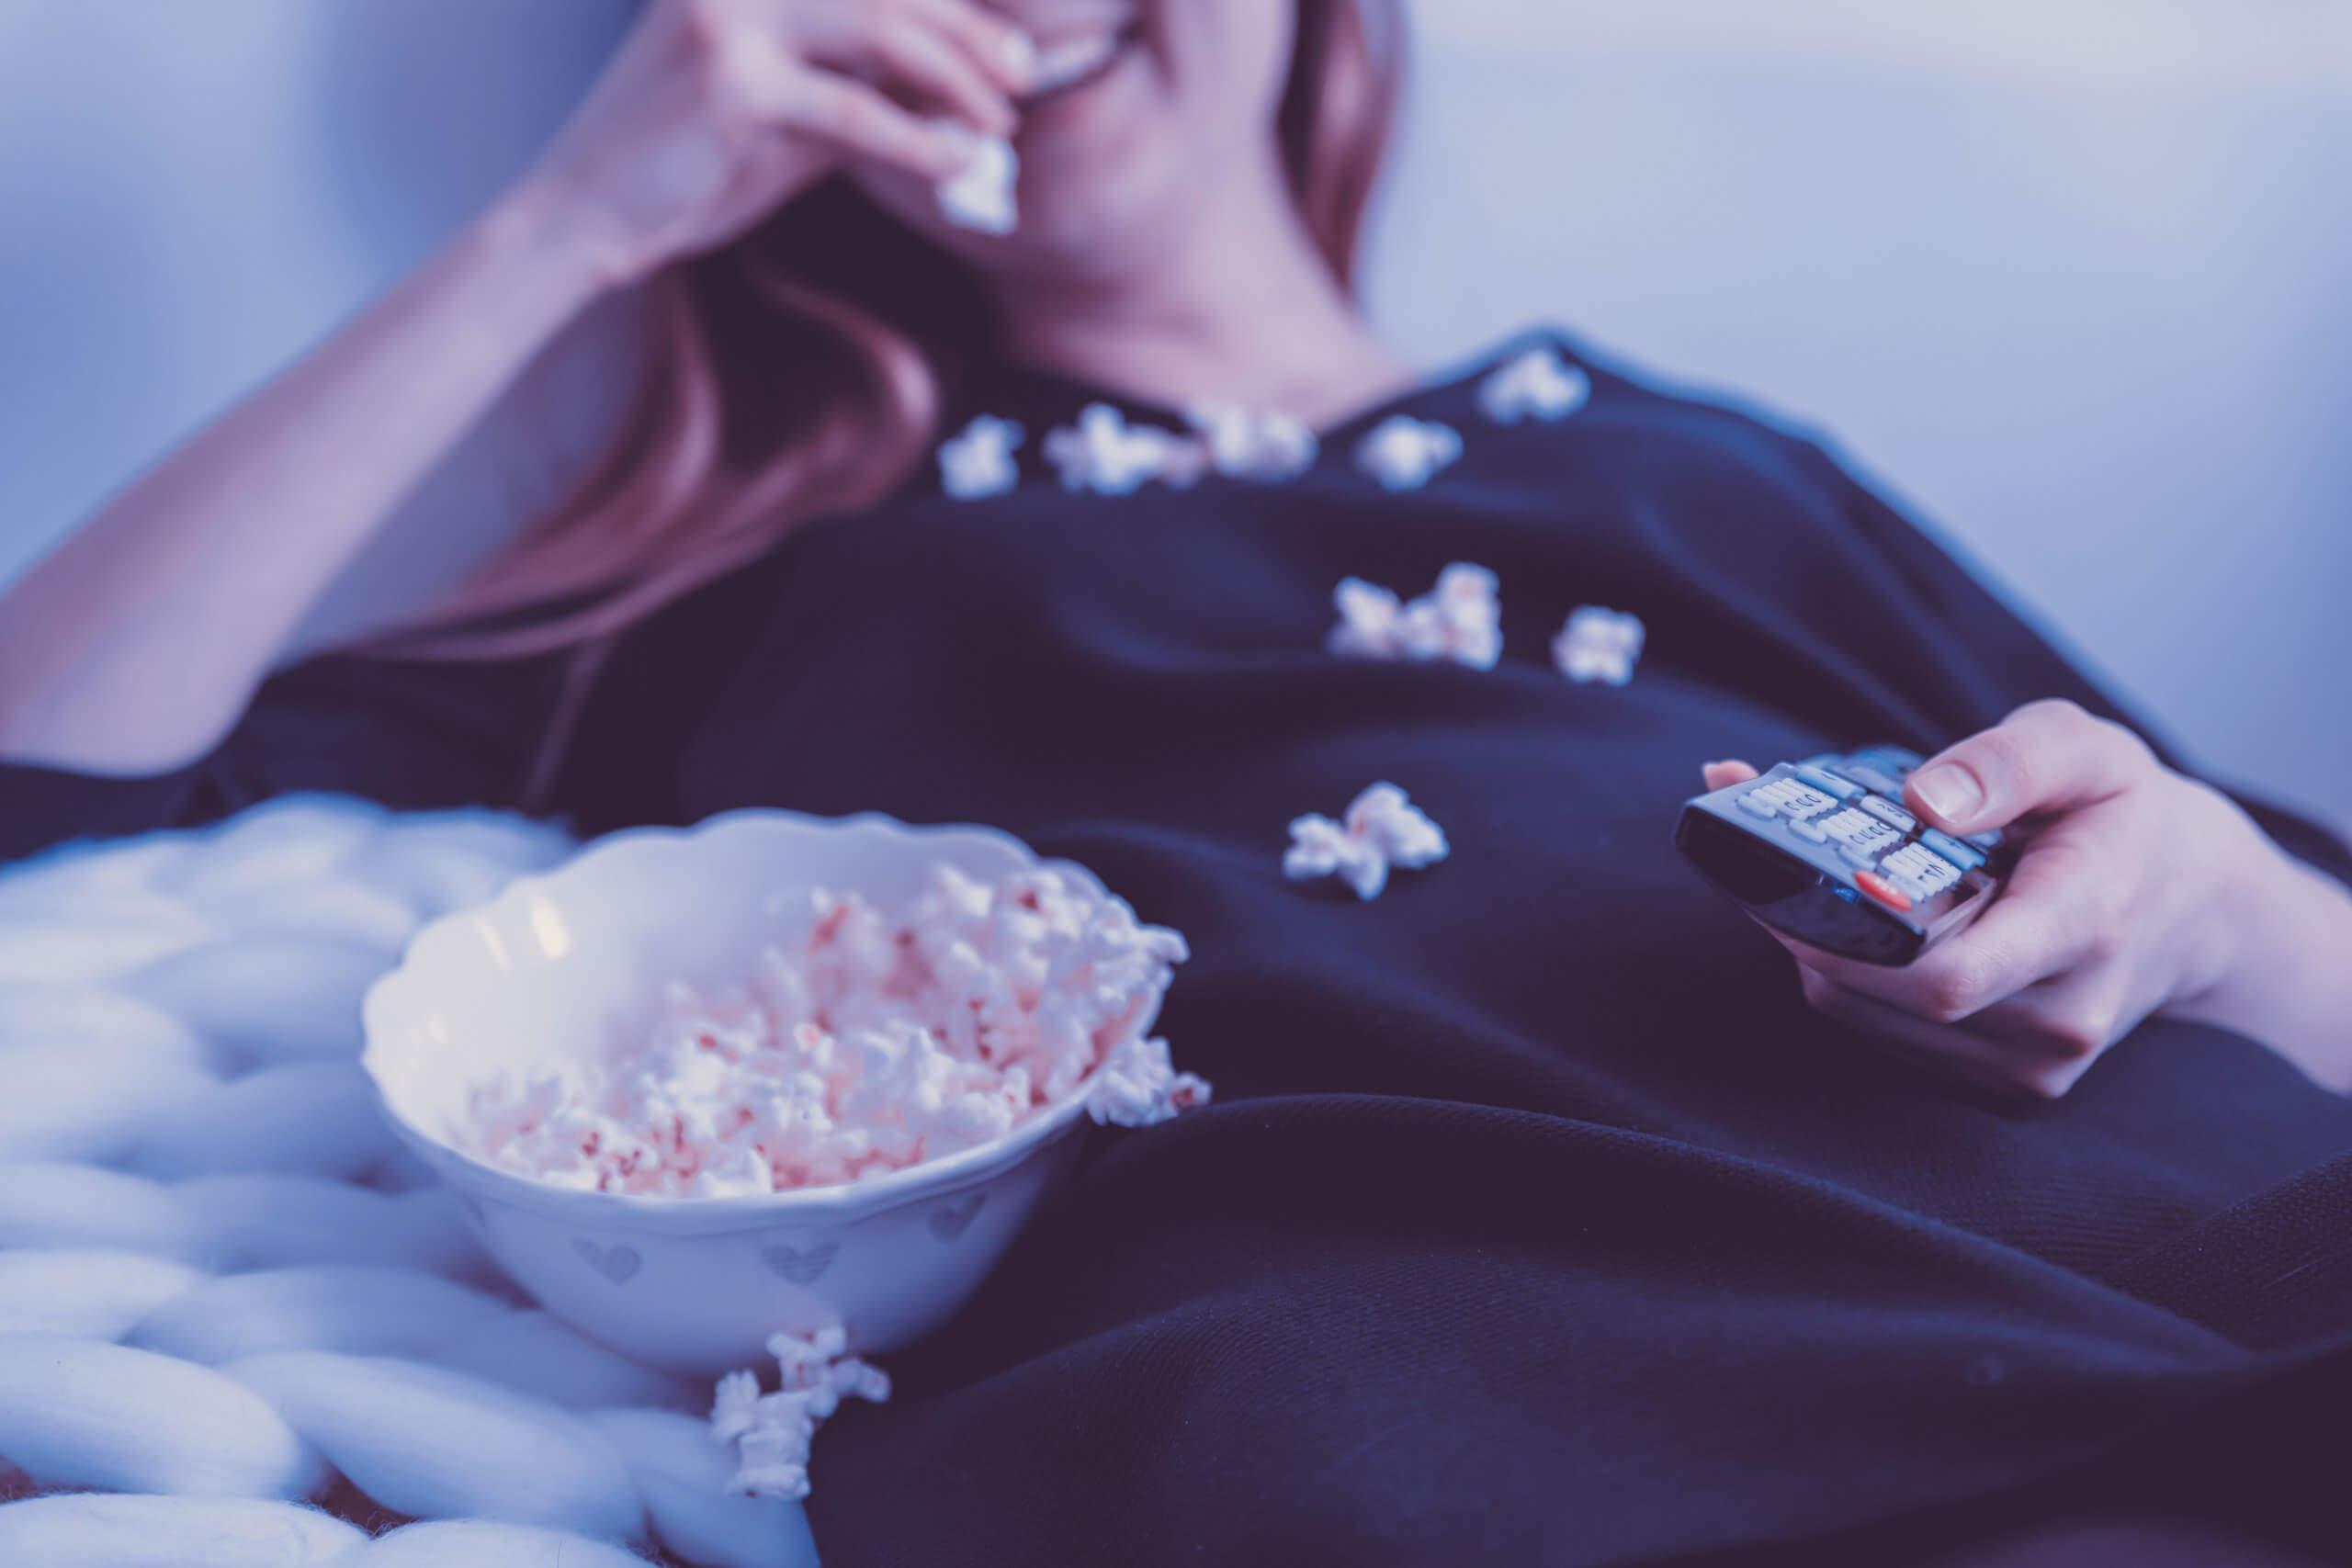 ベッドでポップコーンを食べてる女性